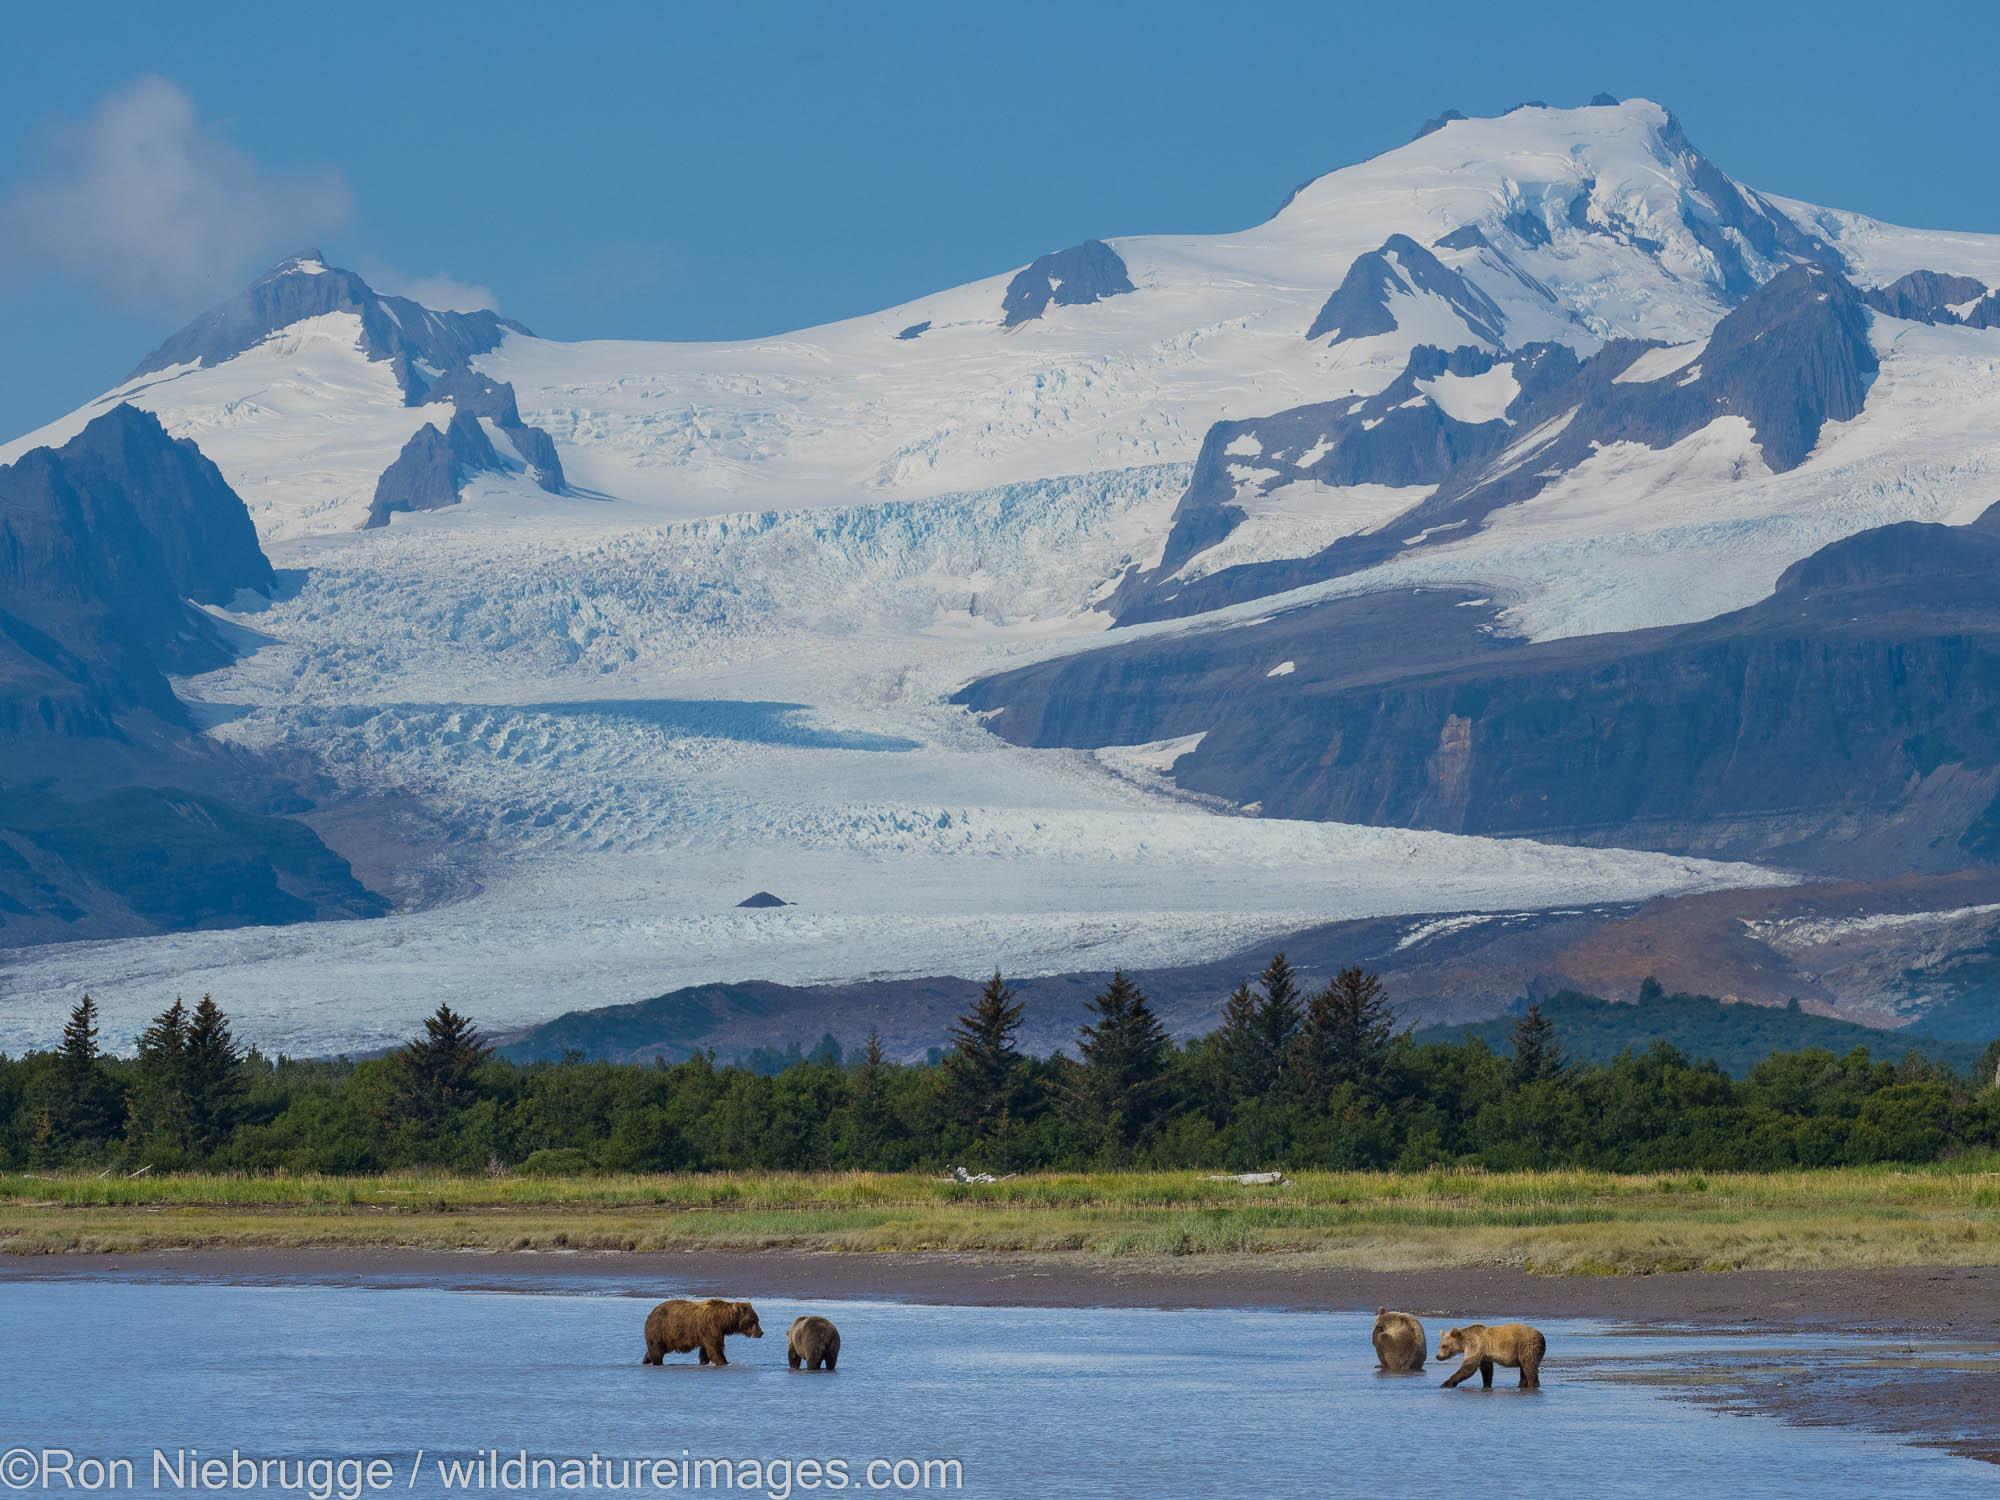 A Brown or Grizzly Bear, Hallo Bay, Katmai National Park, Alaska.